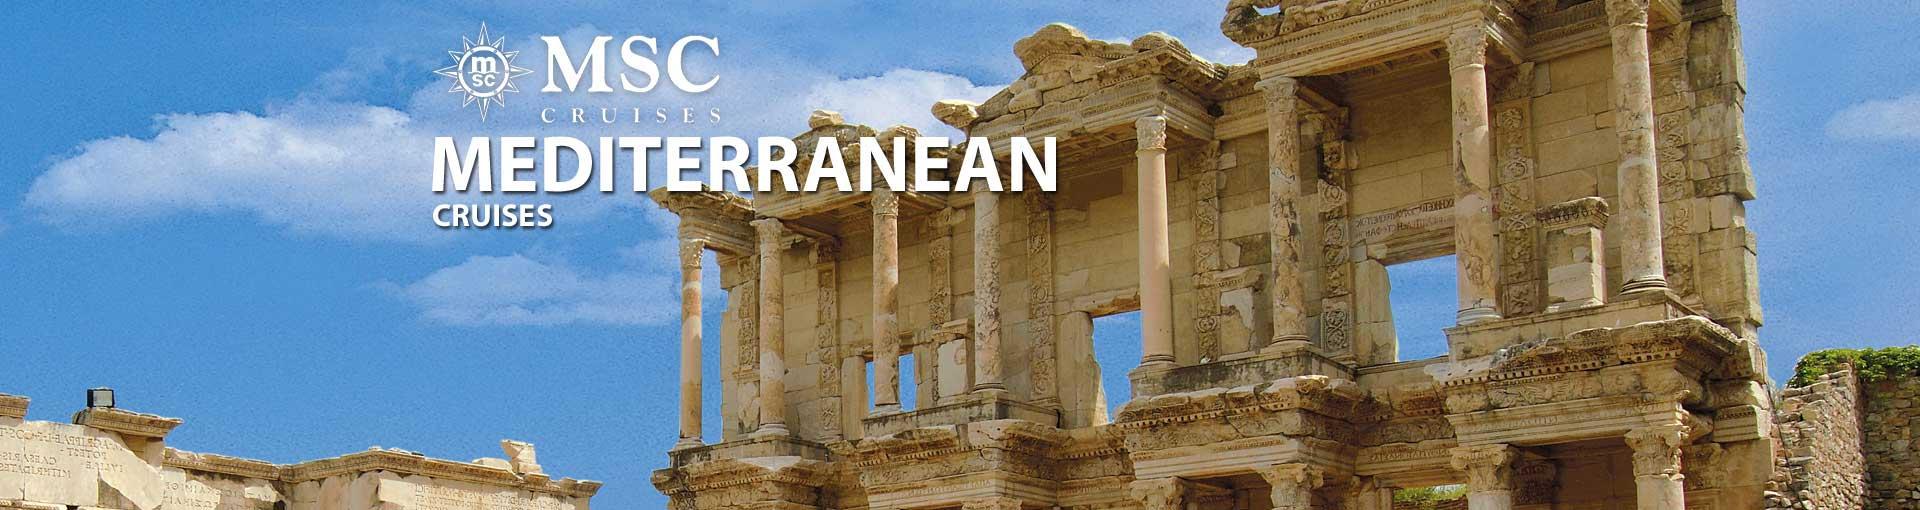 MSC Cruises Mediterranean Cruises